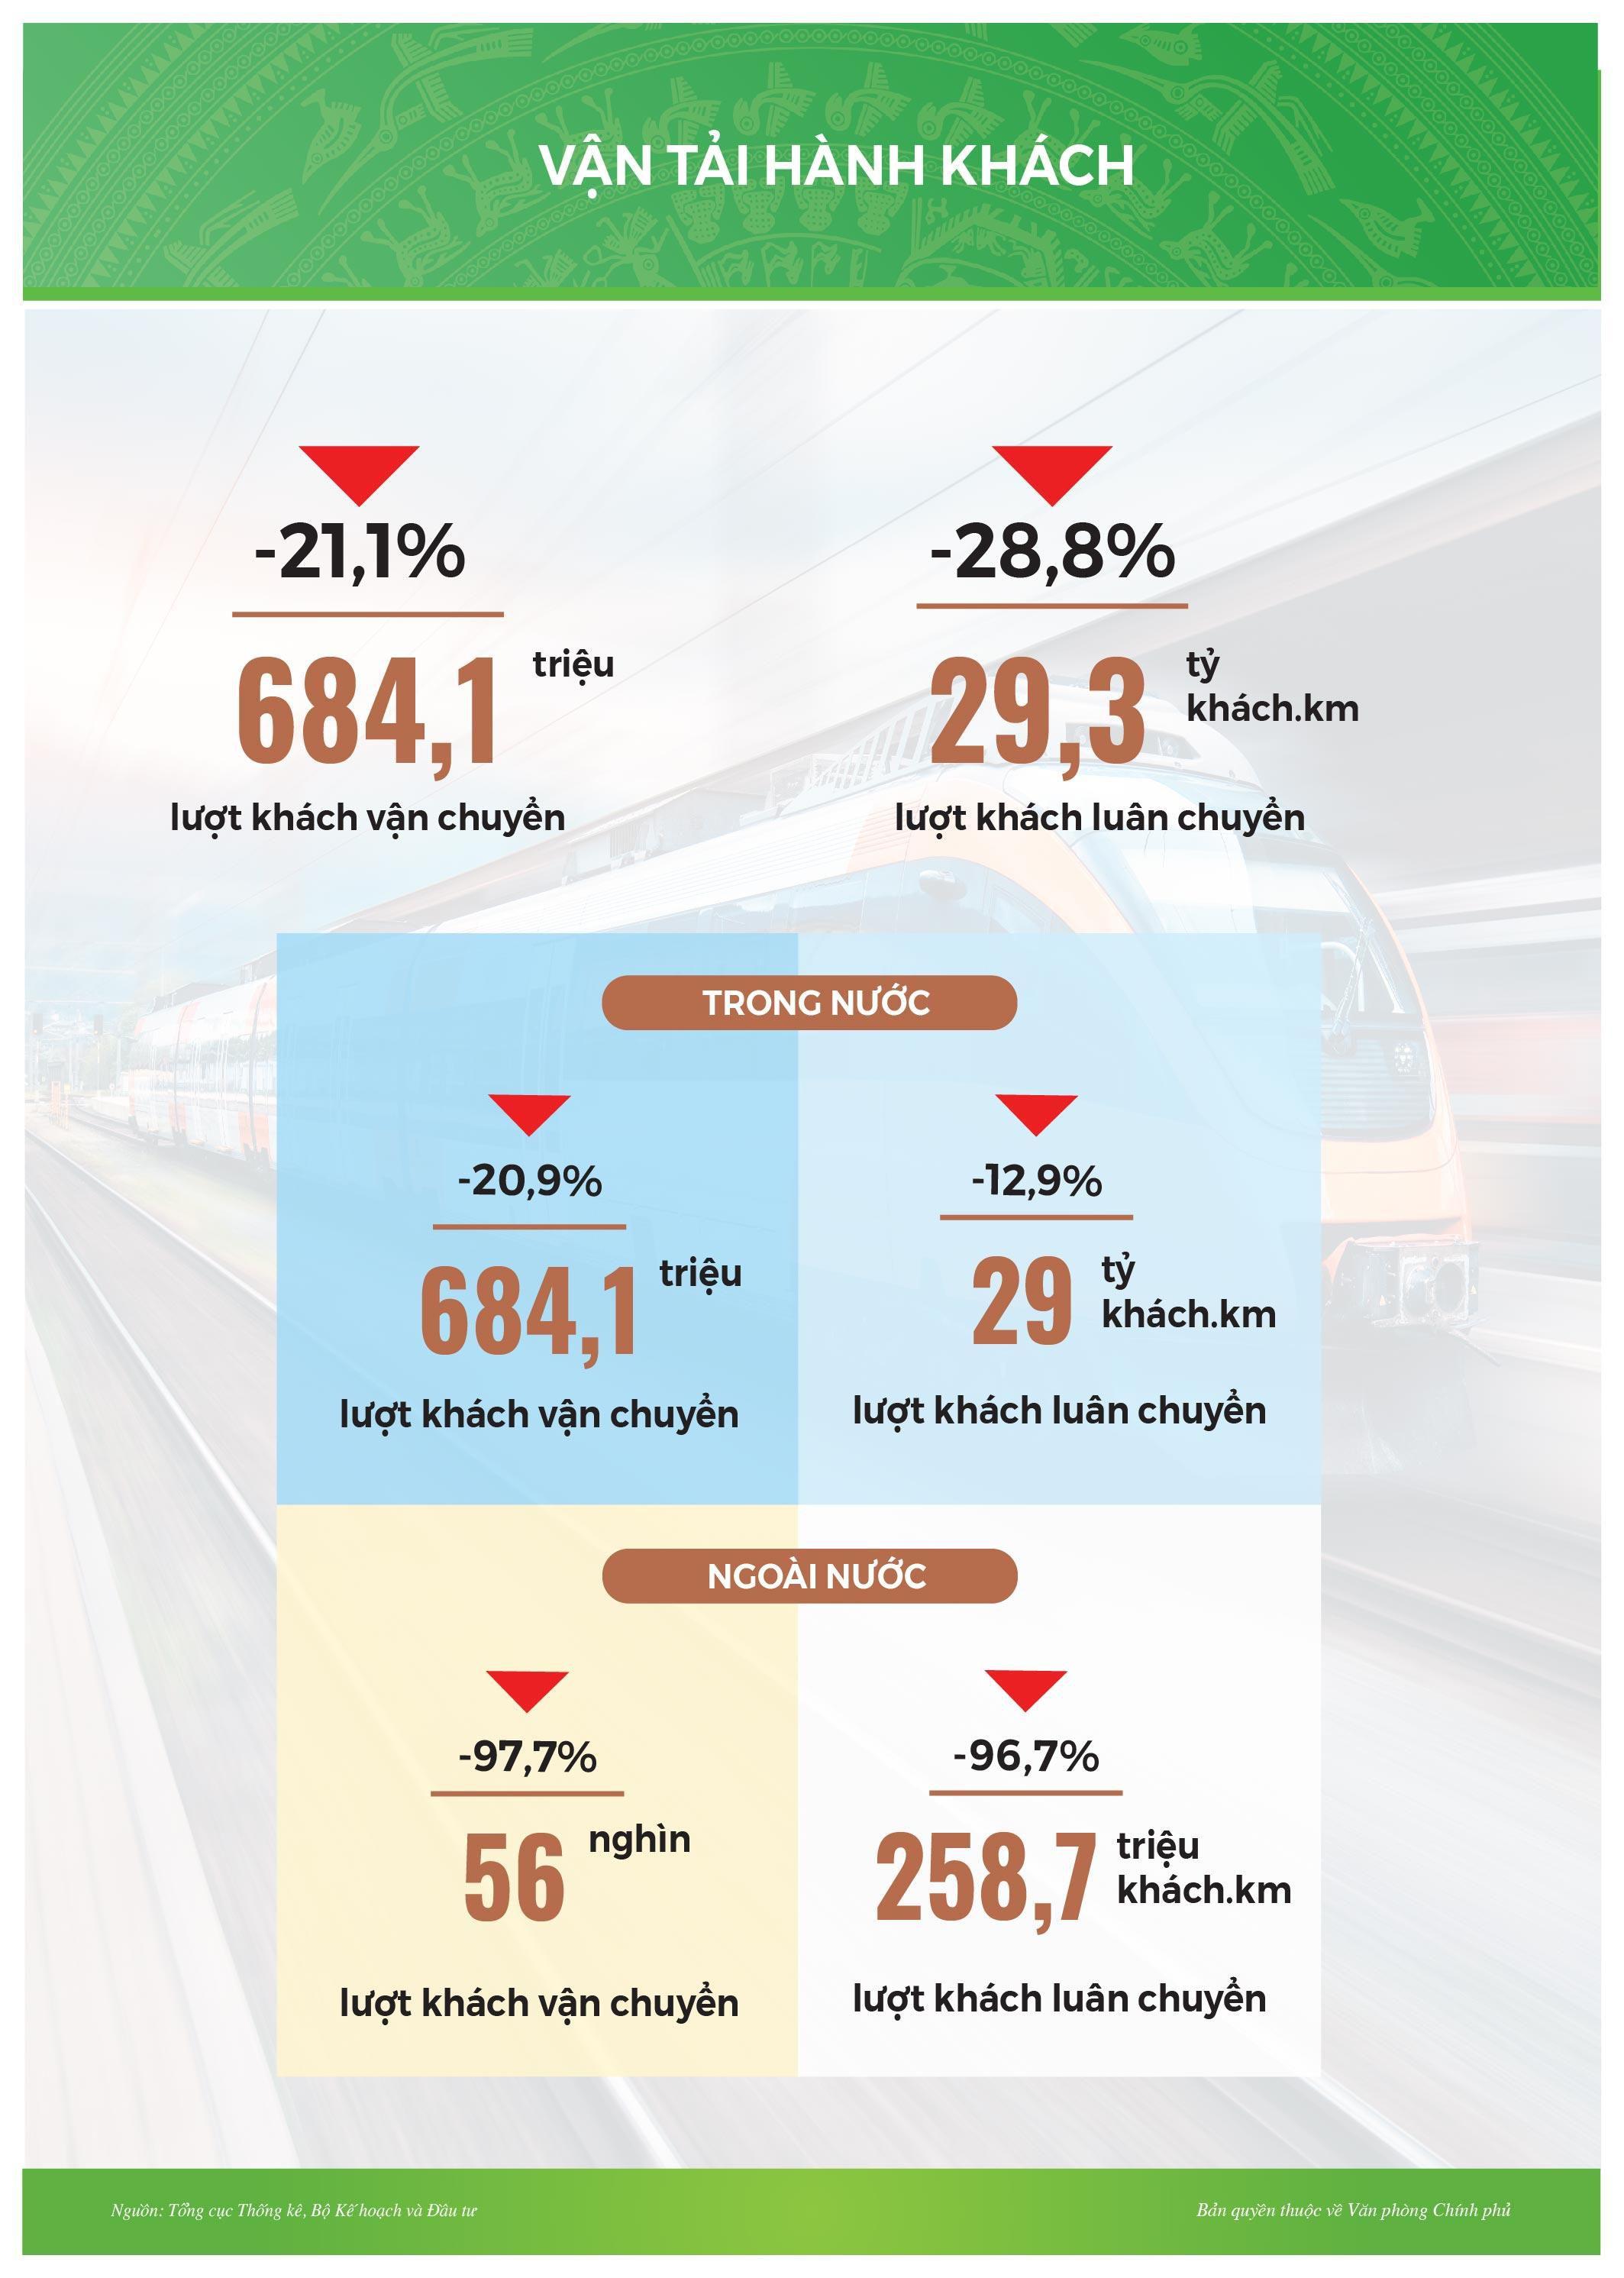 Infographic: Tình hình kinh tế-xã hội tháng 2/2021 Ảnh 9